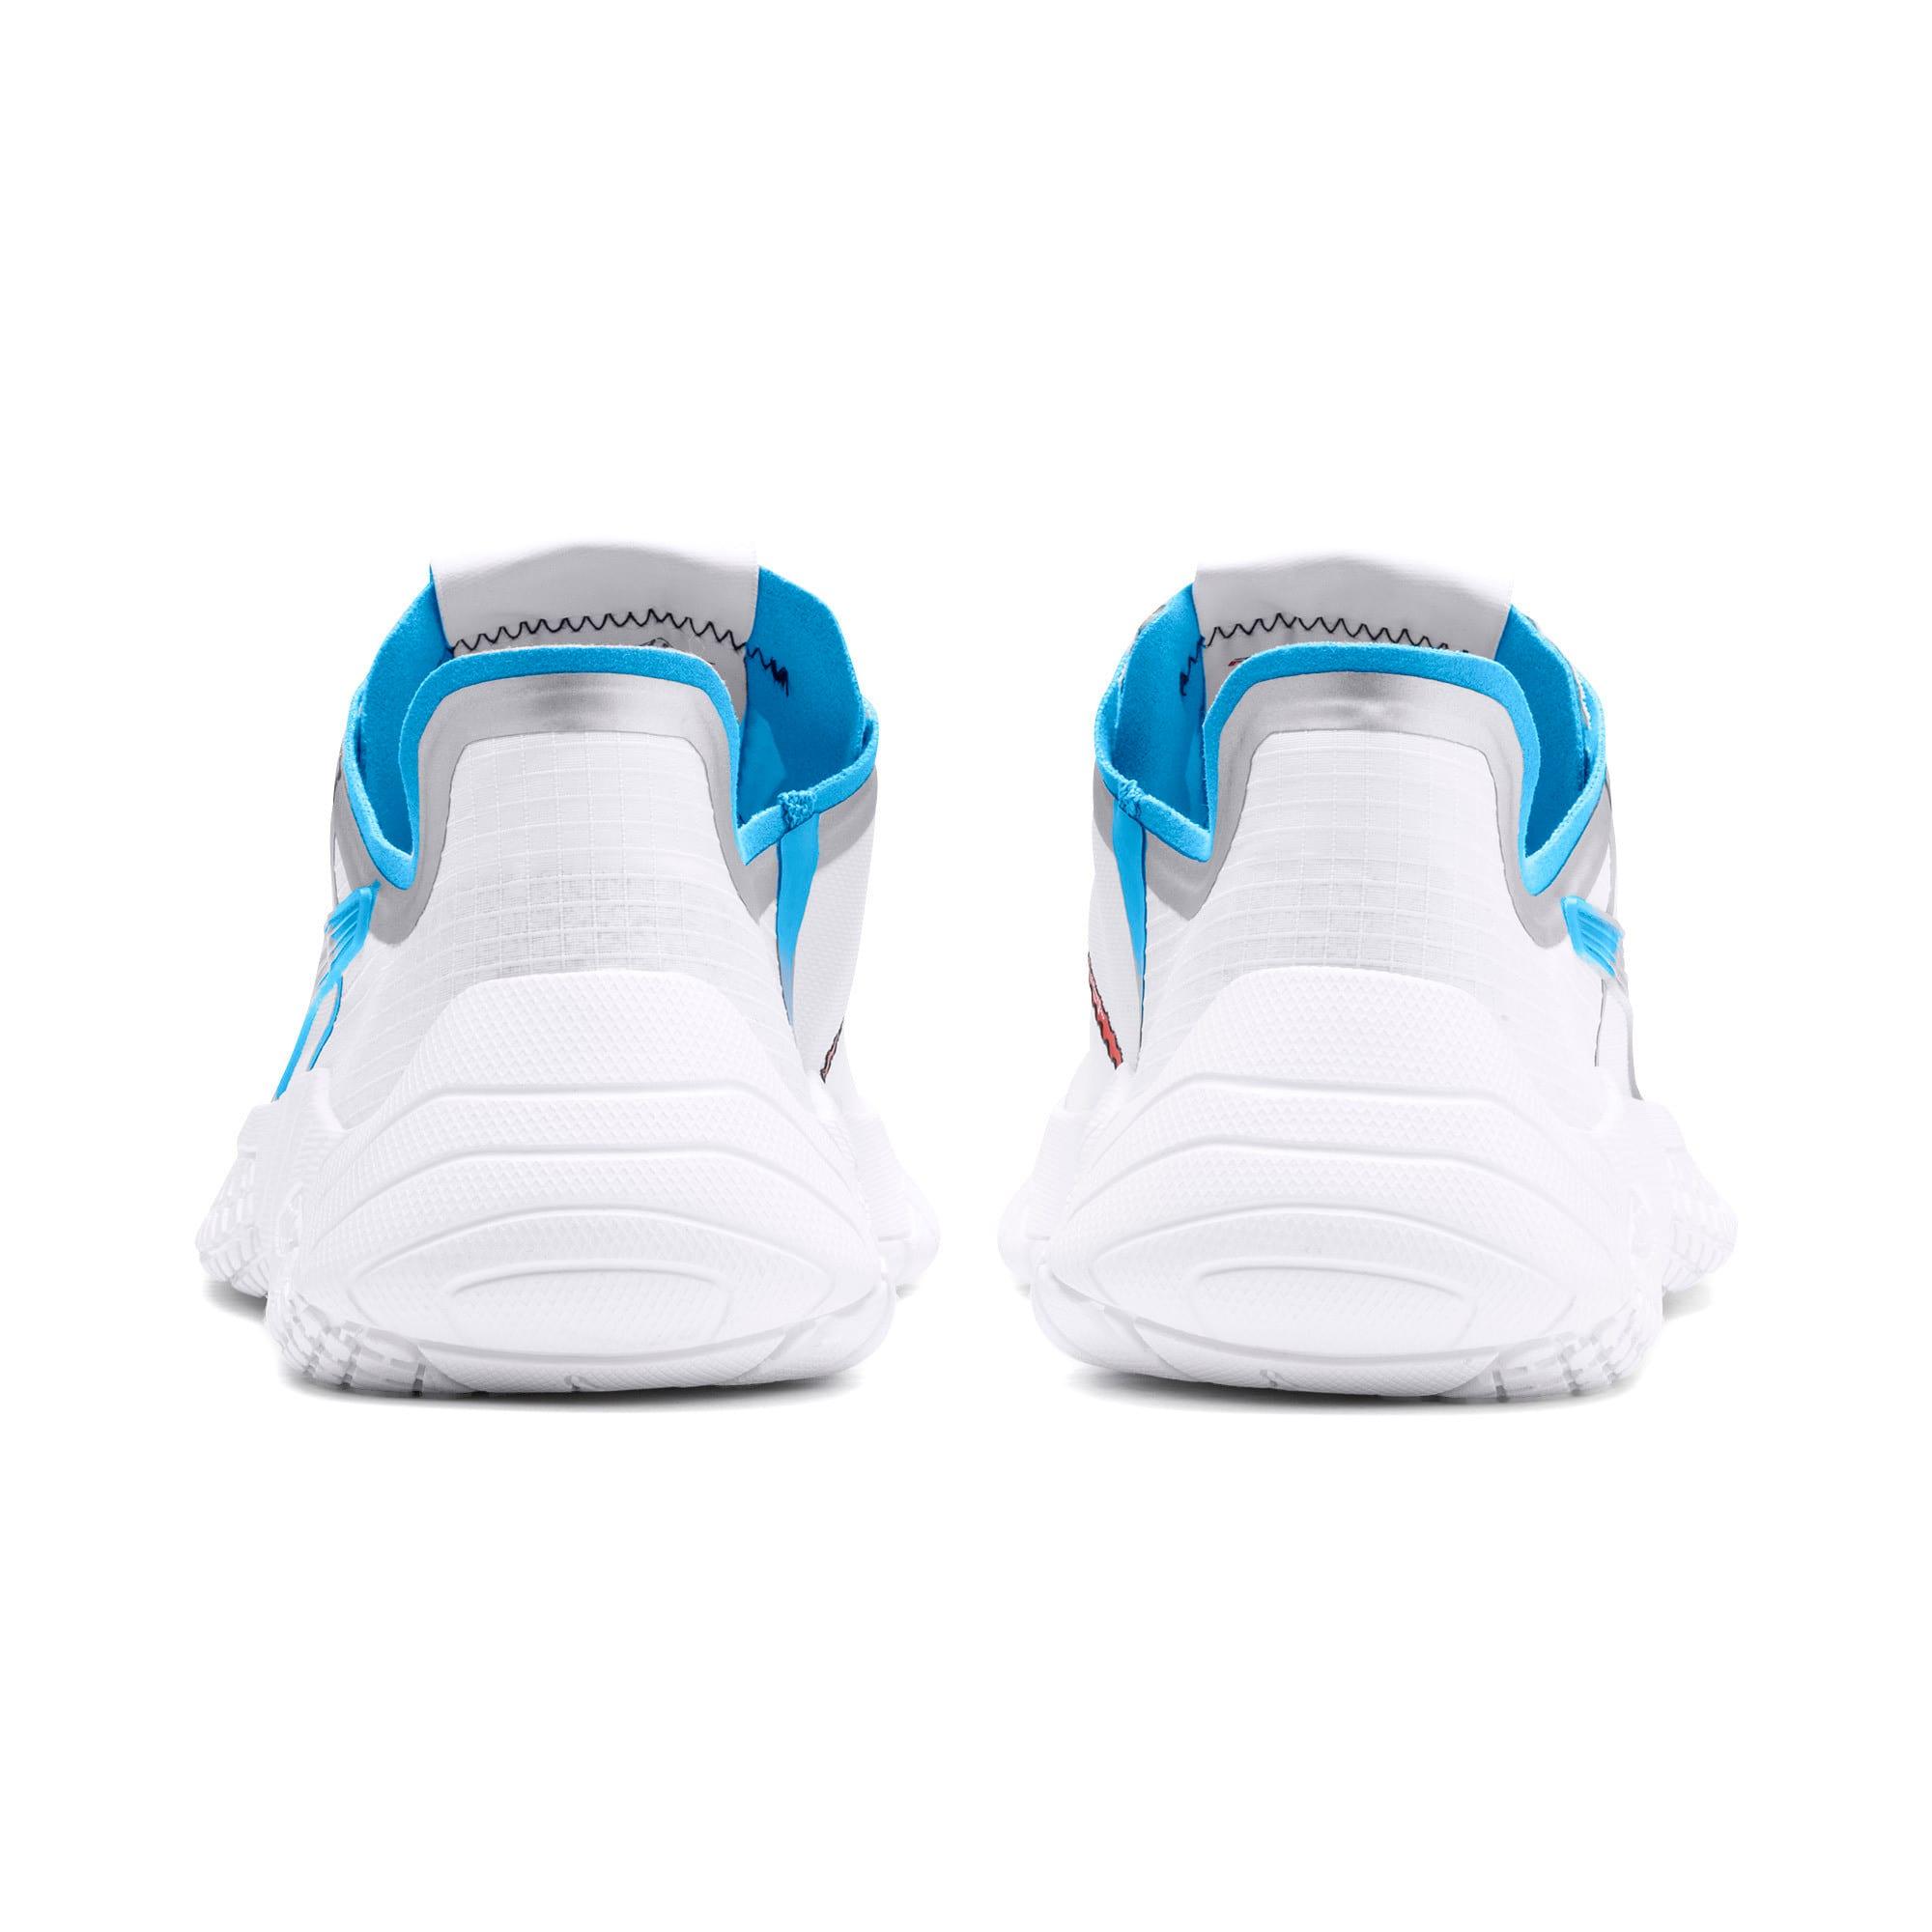 Thumbnail 4 of Pirelli Replicat-X sportschoenen, Puma White-AZURE BLUE, medium